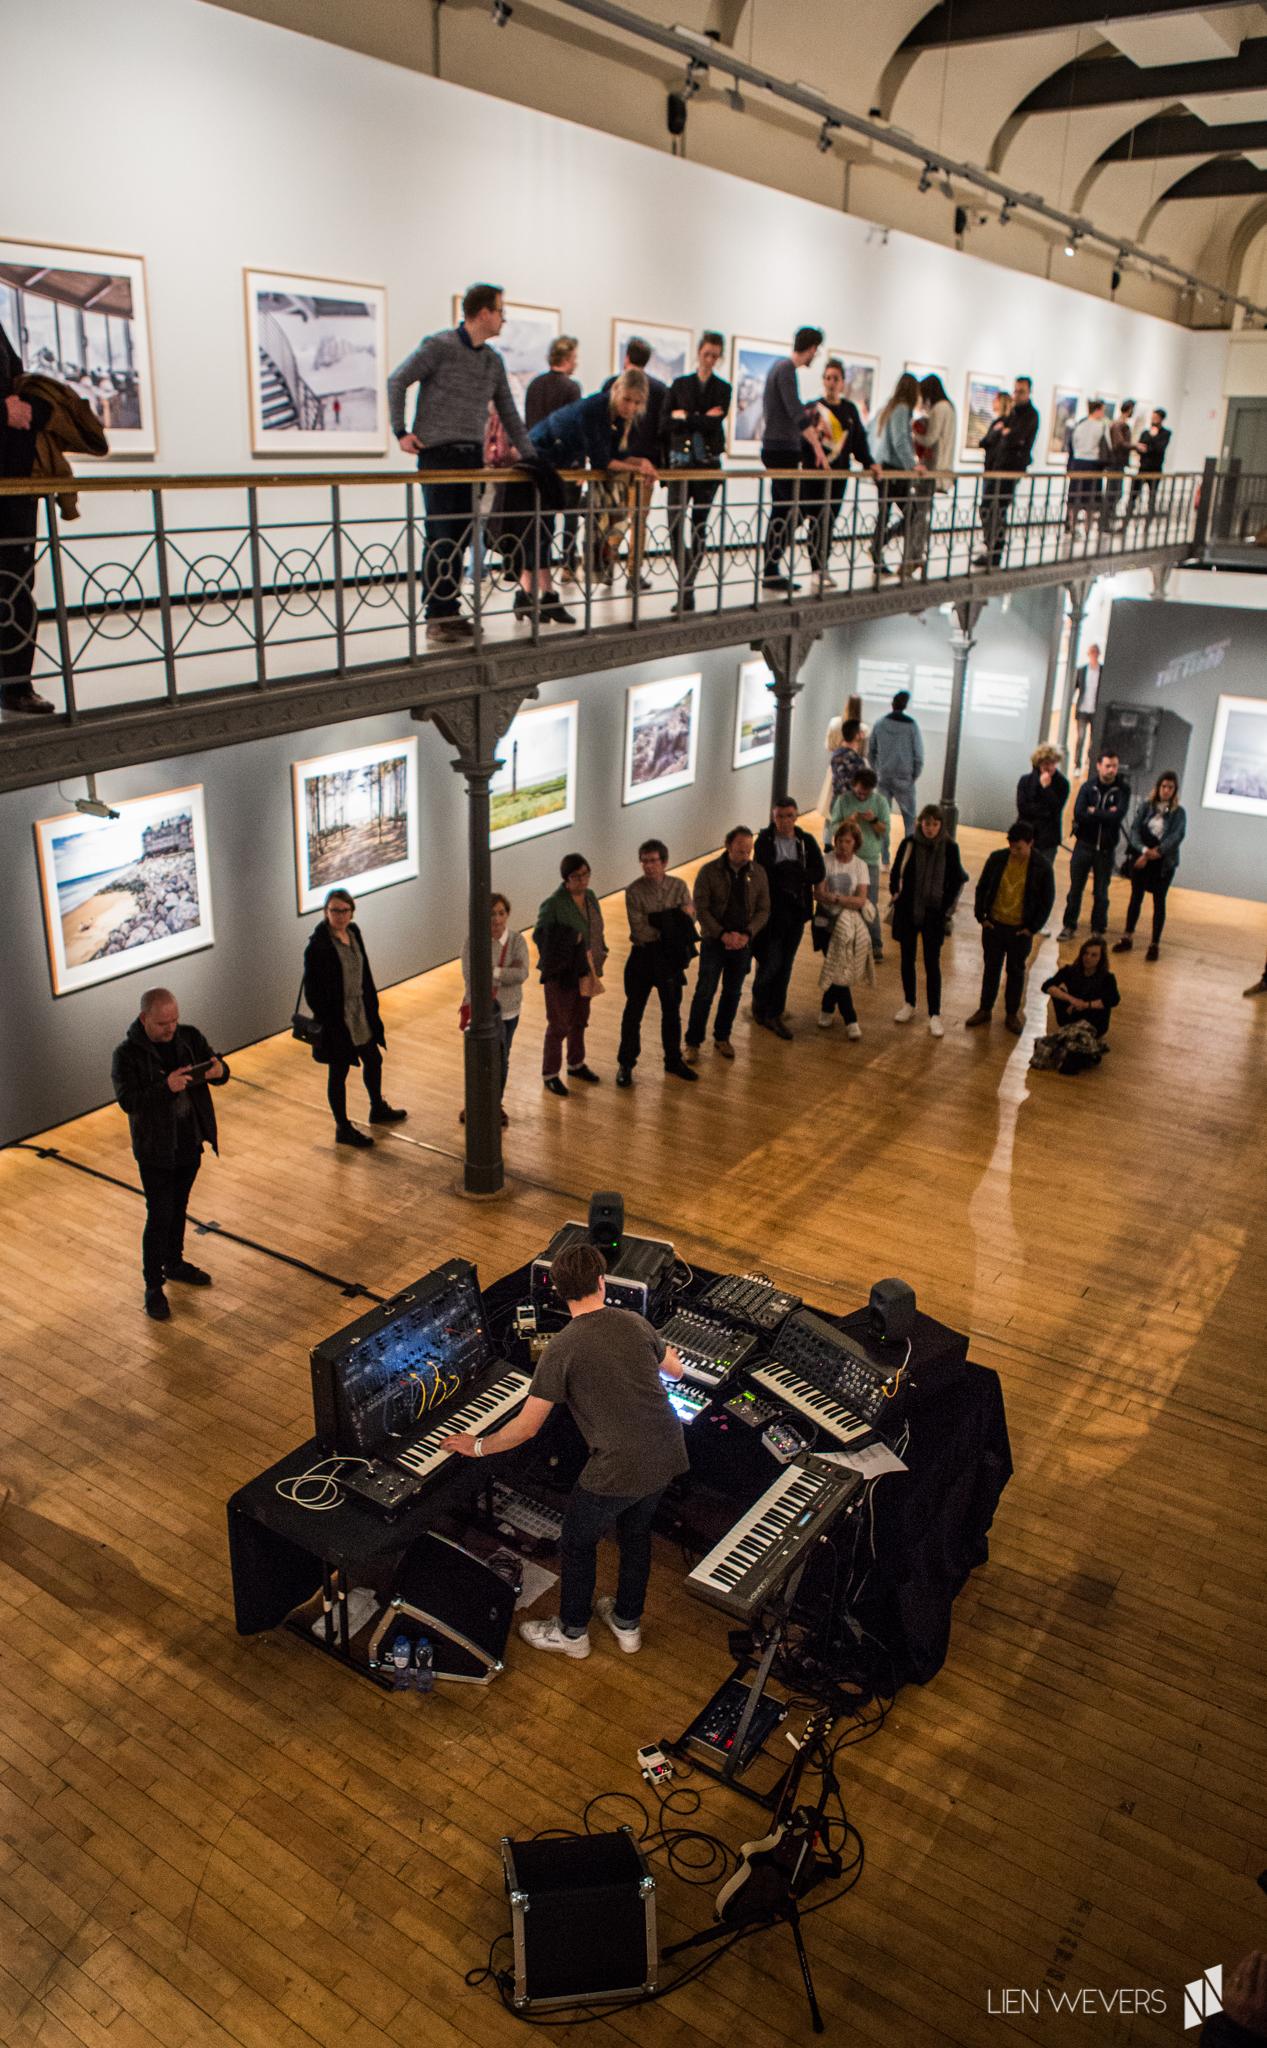 Expo 'Higher Ground' by Carl de Keyzer - music by Dave Martijn_Lien Wevers fotograaf_1.jpg